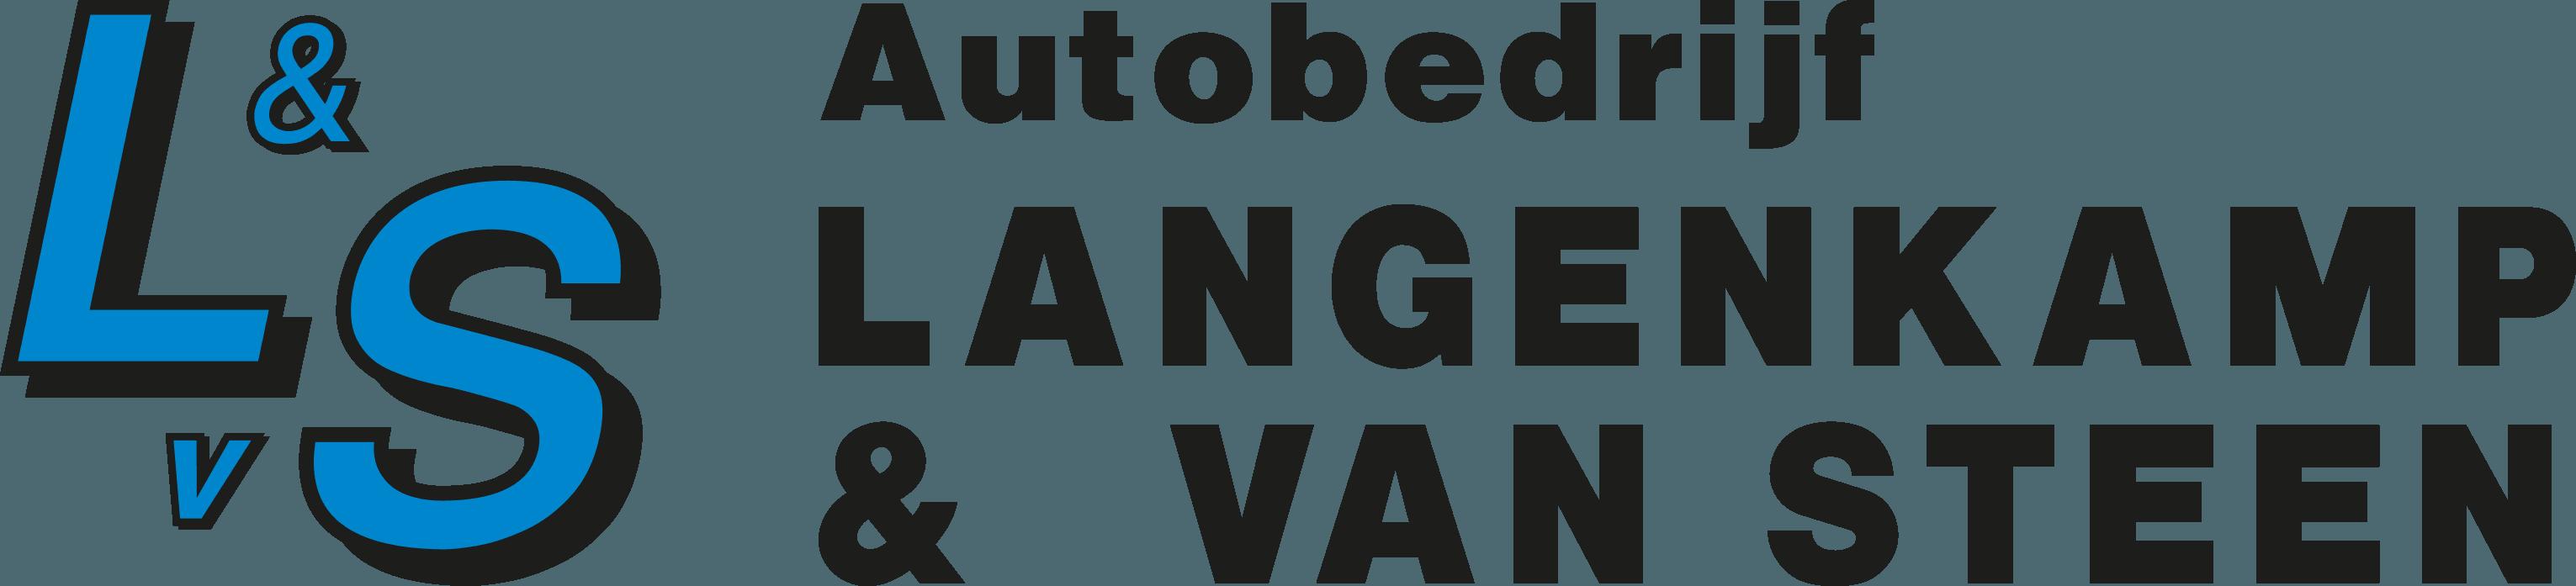 Autobedrijf Langenkamp & Van Steen